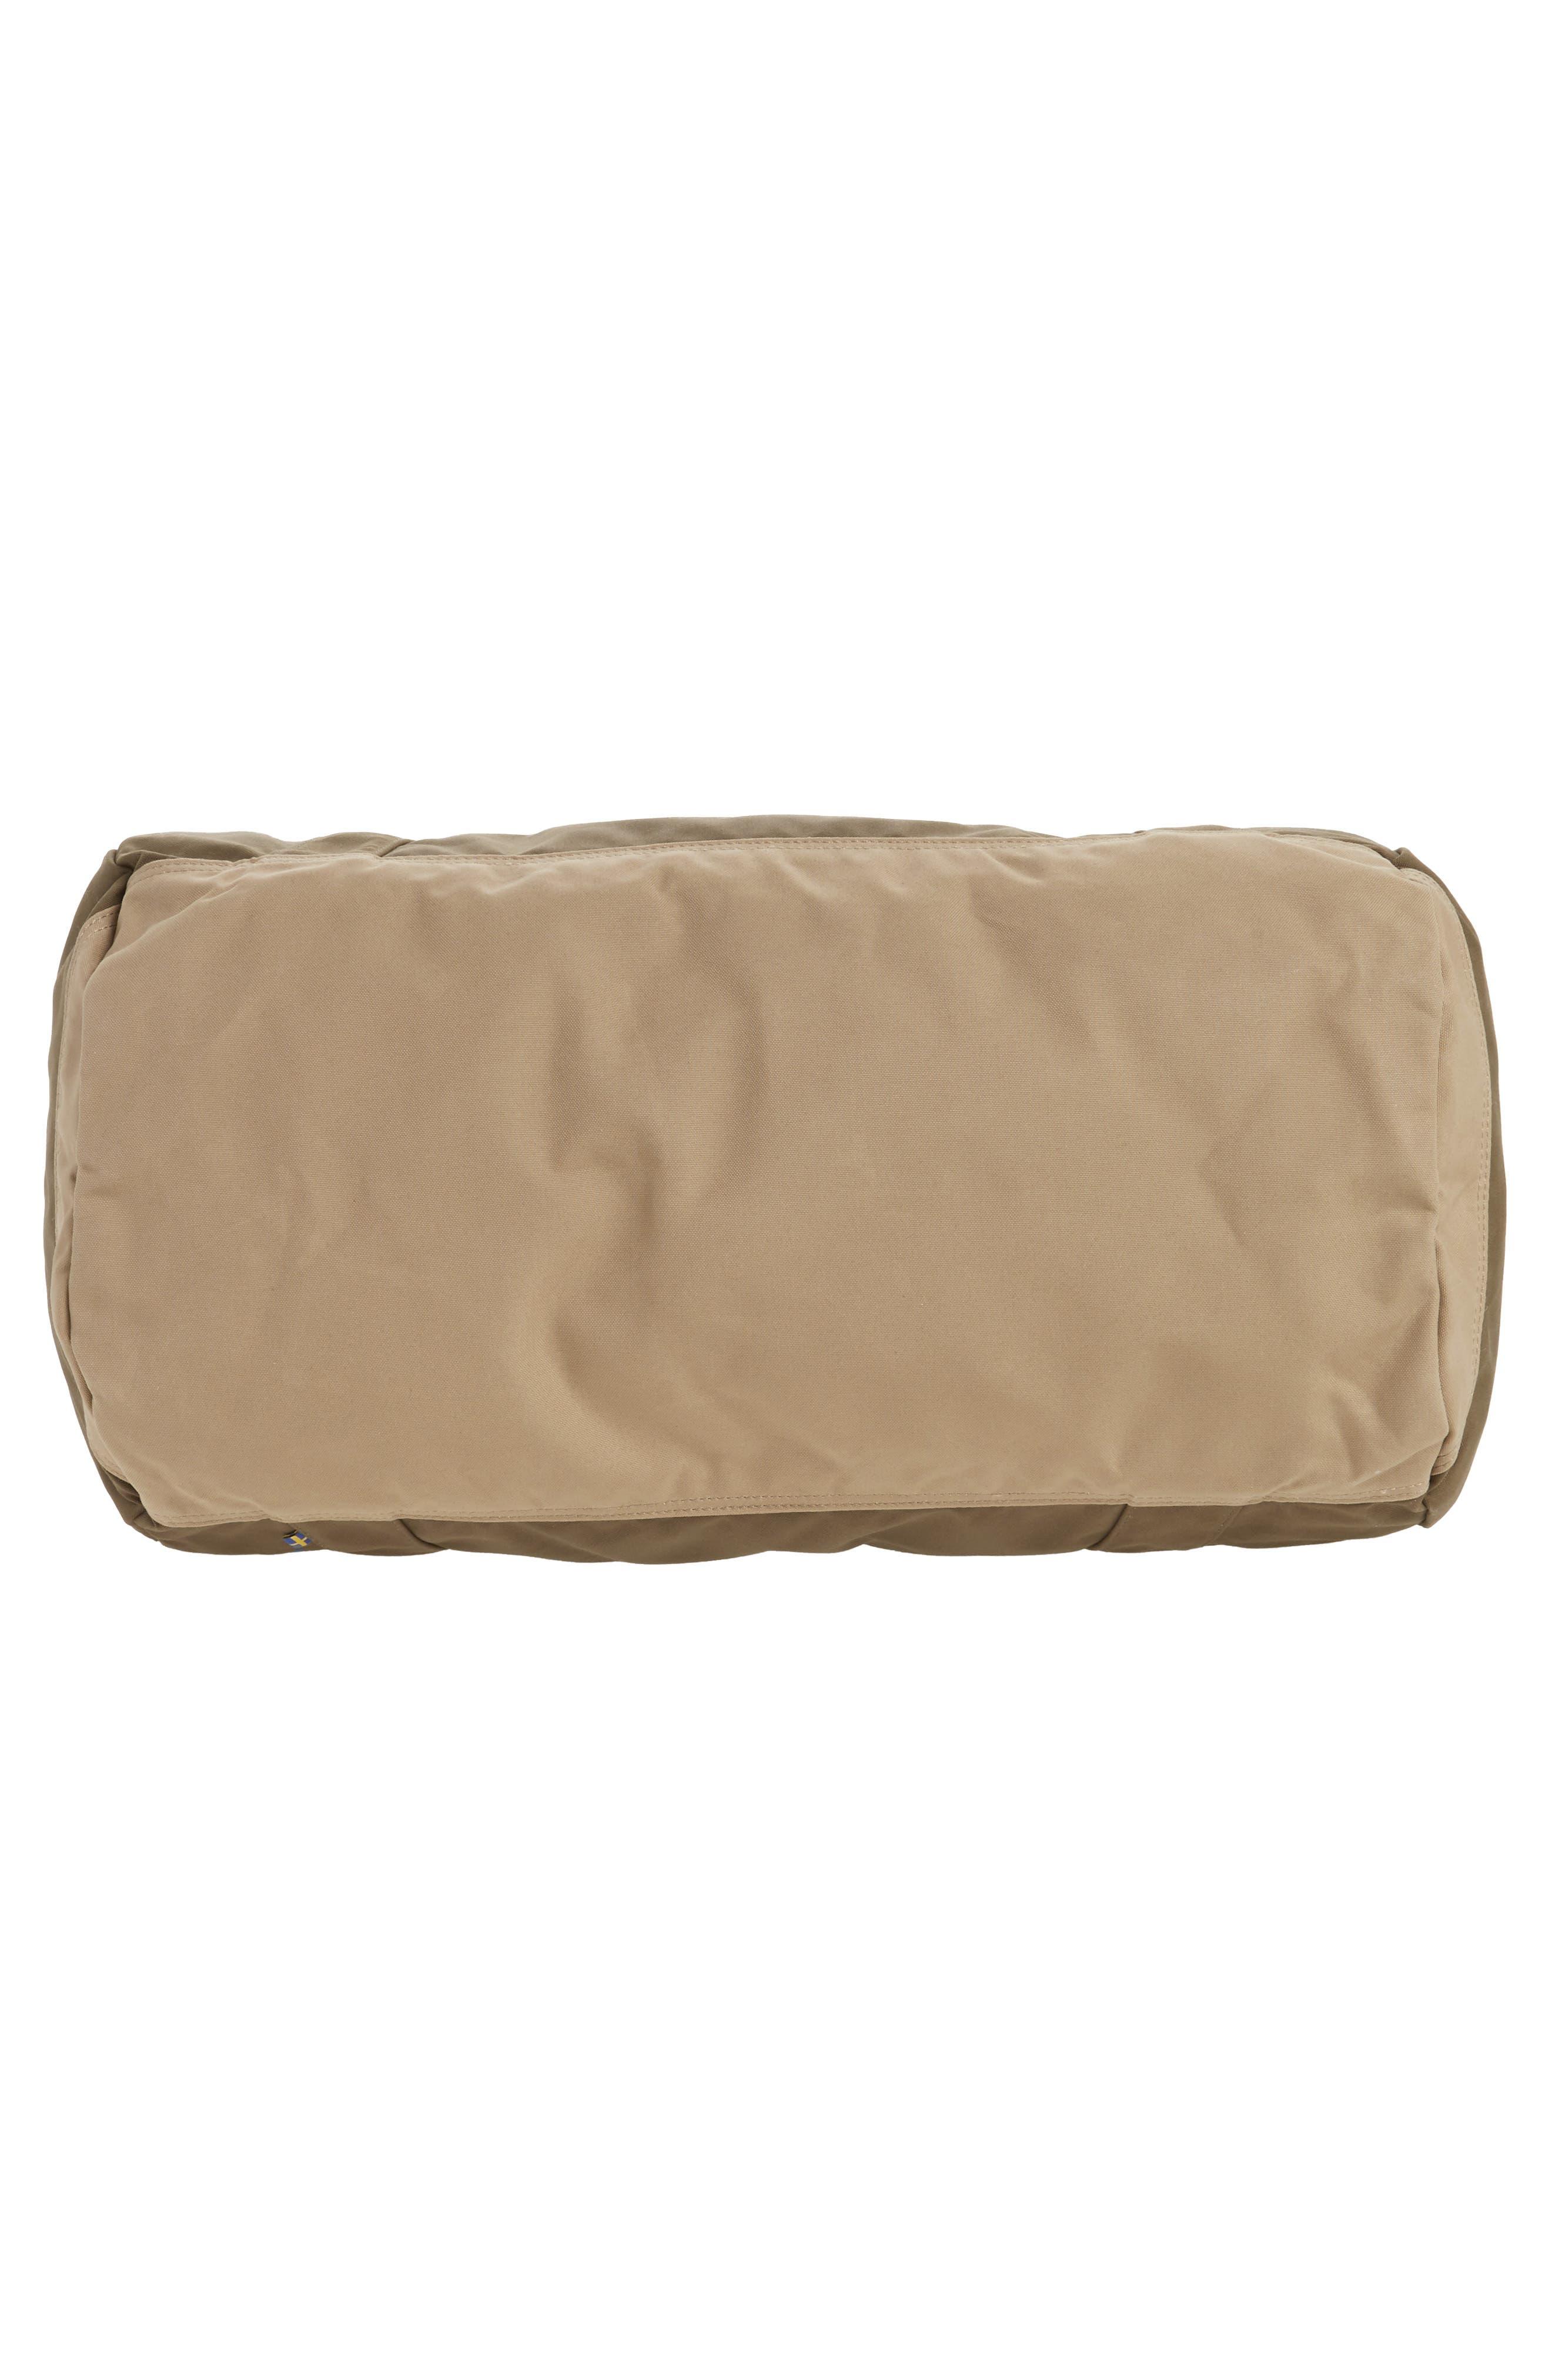 'Duffel No.4' Water Resistant Duffel Bag,                             Alternate thumbnail 6, color,                             283